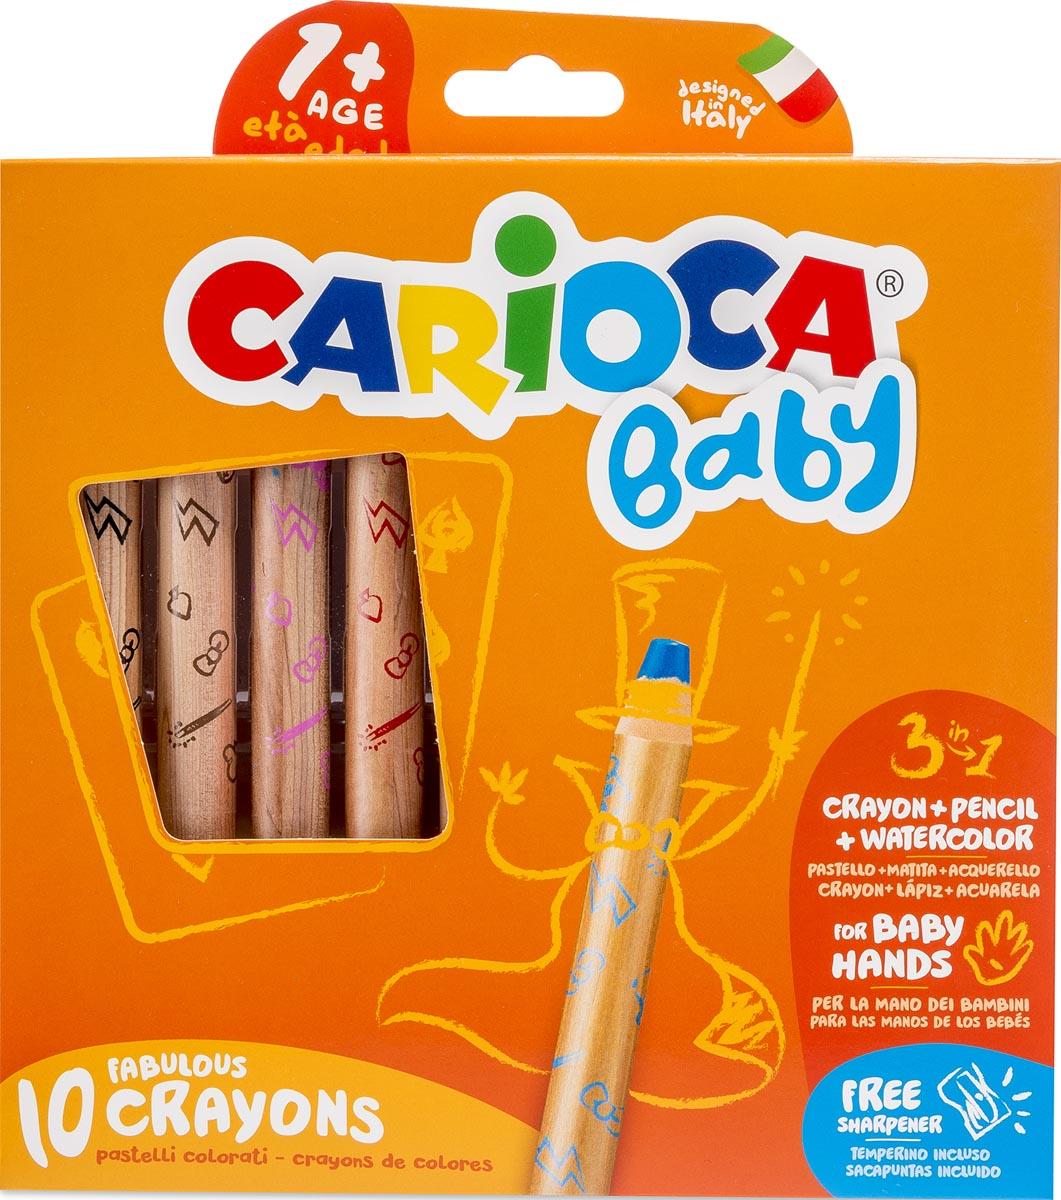 Carioca kleurpotlood Baby 3-in-1, geassorteerde kleuren, 10 stuks in een kartonnen etui